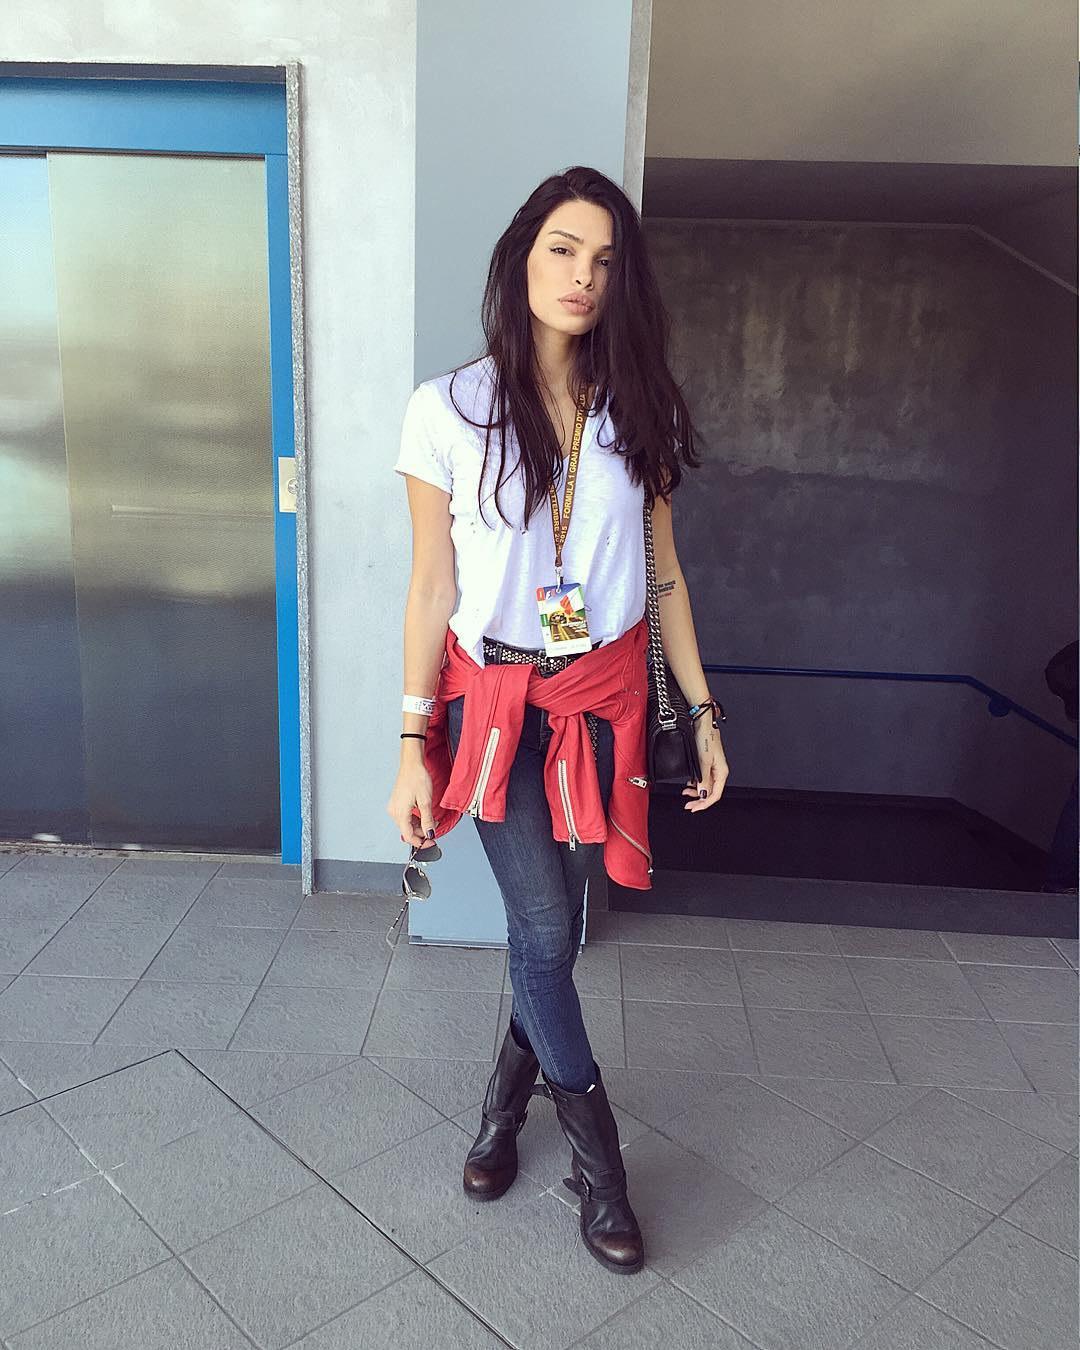 Model Selena